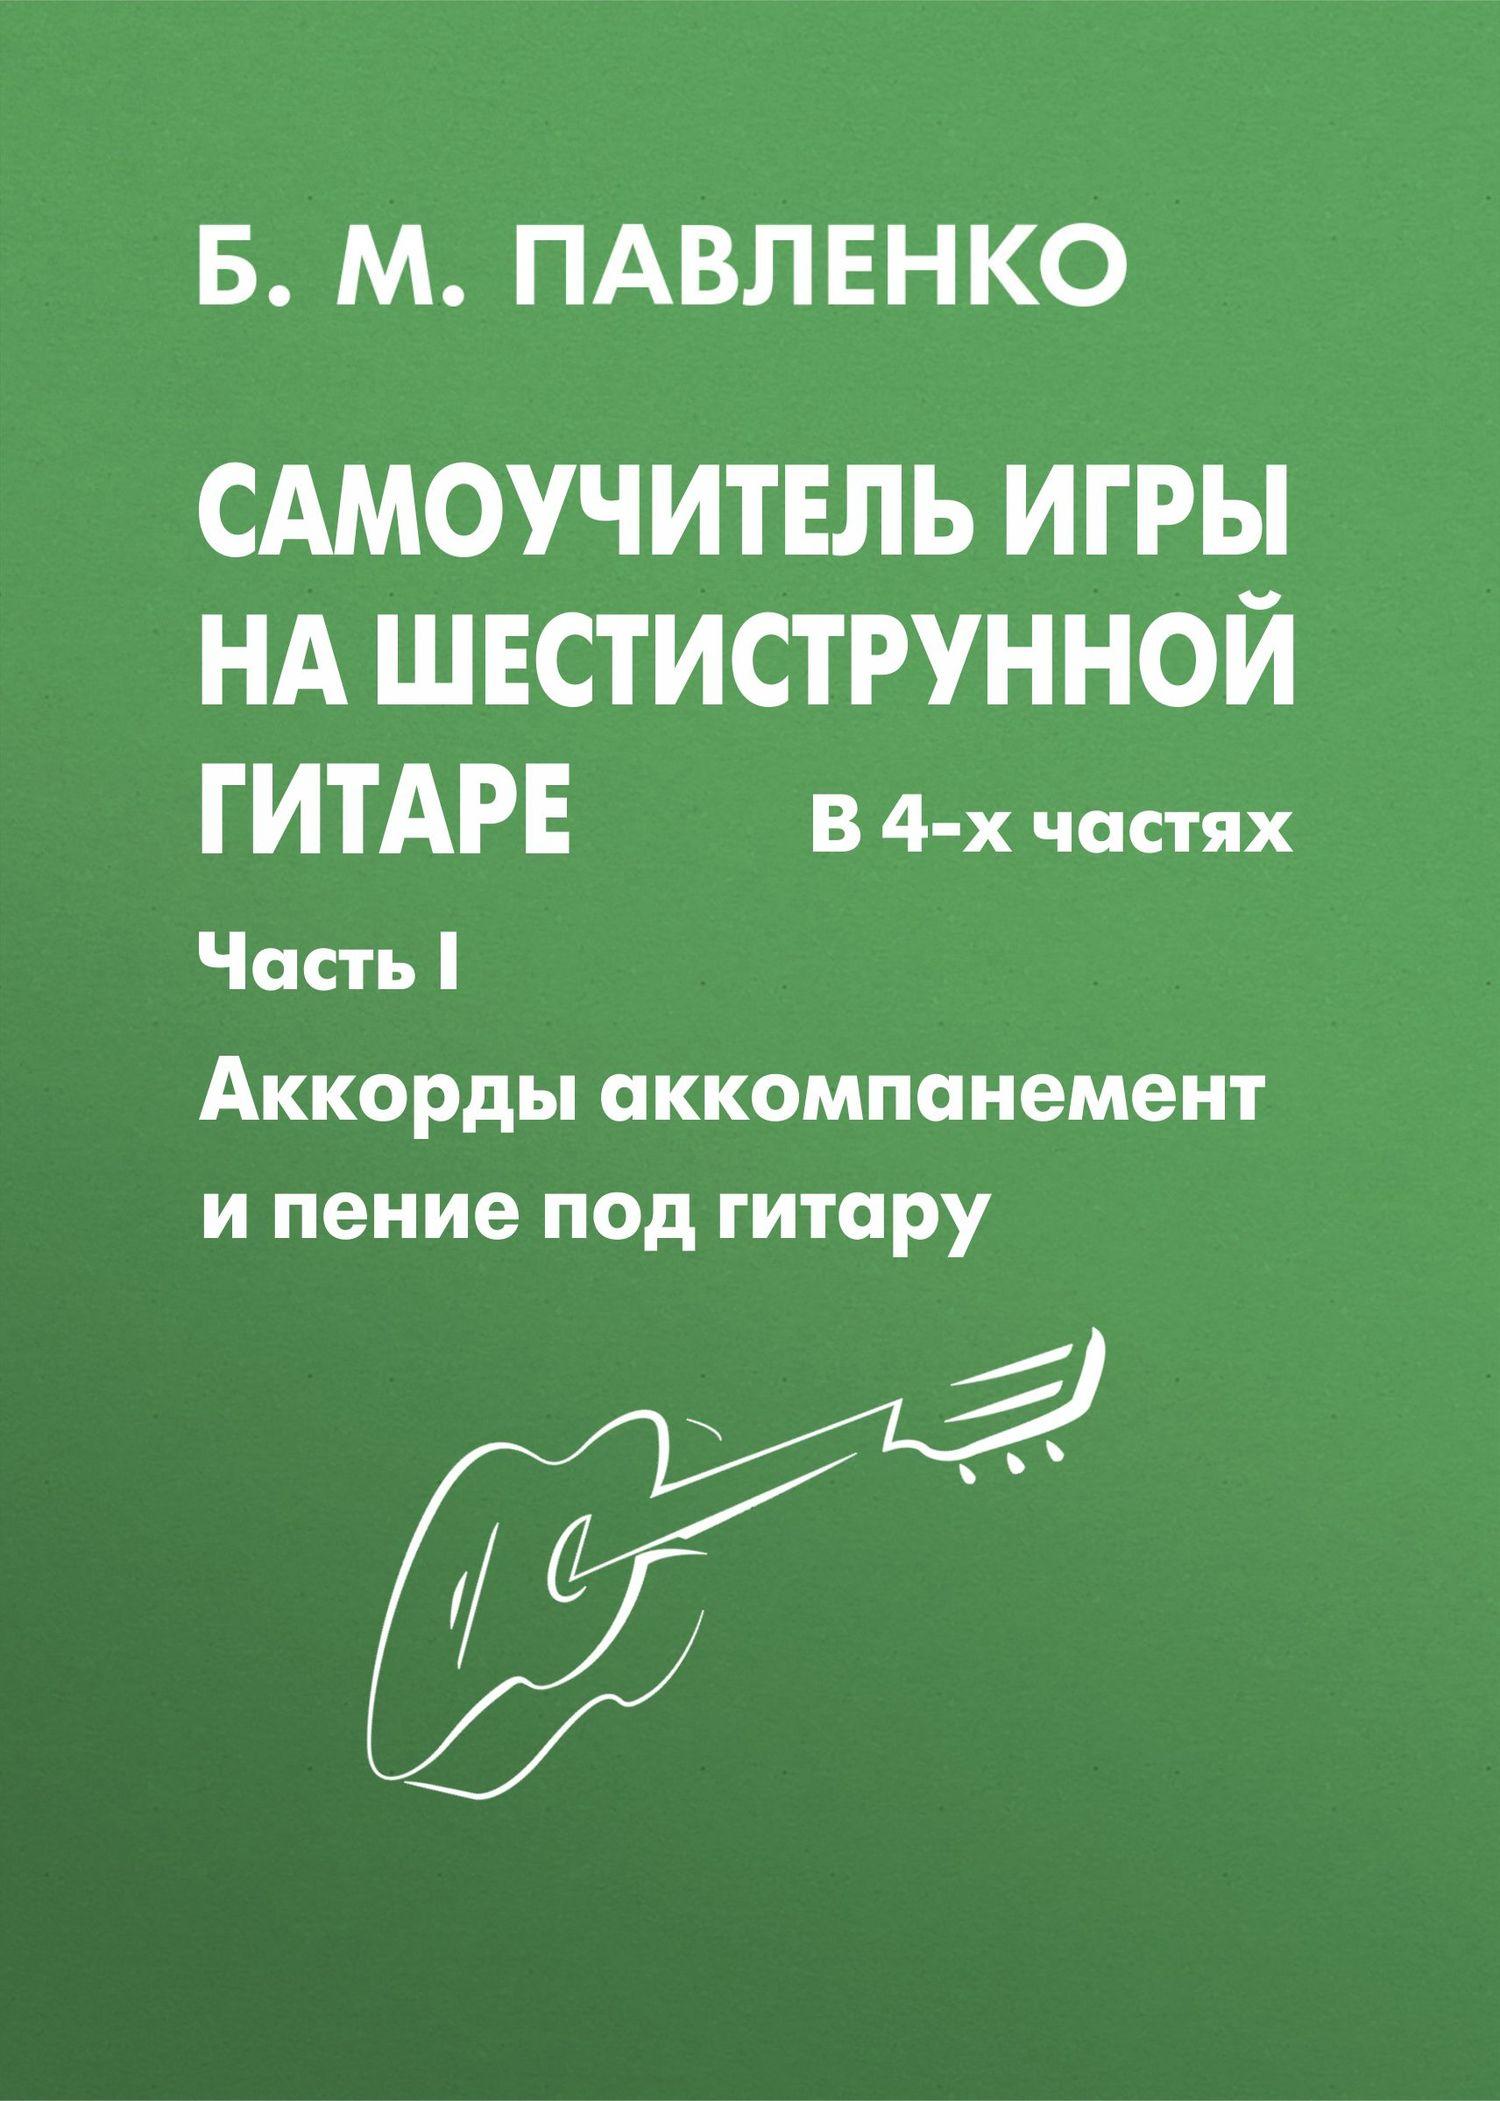 Б. М. Павленко Самоучитель игры на шестиструнной гитаре. Аккорды, аккомпанемент и пение под гитару. I часть ISBN: 5-222-03639-1 акустическая гитара виды аккомпанемента и обыгрывание аккордов